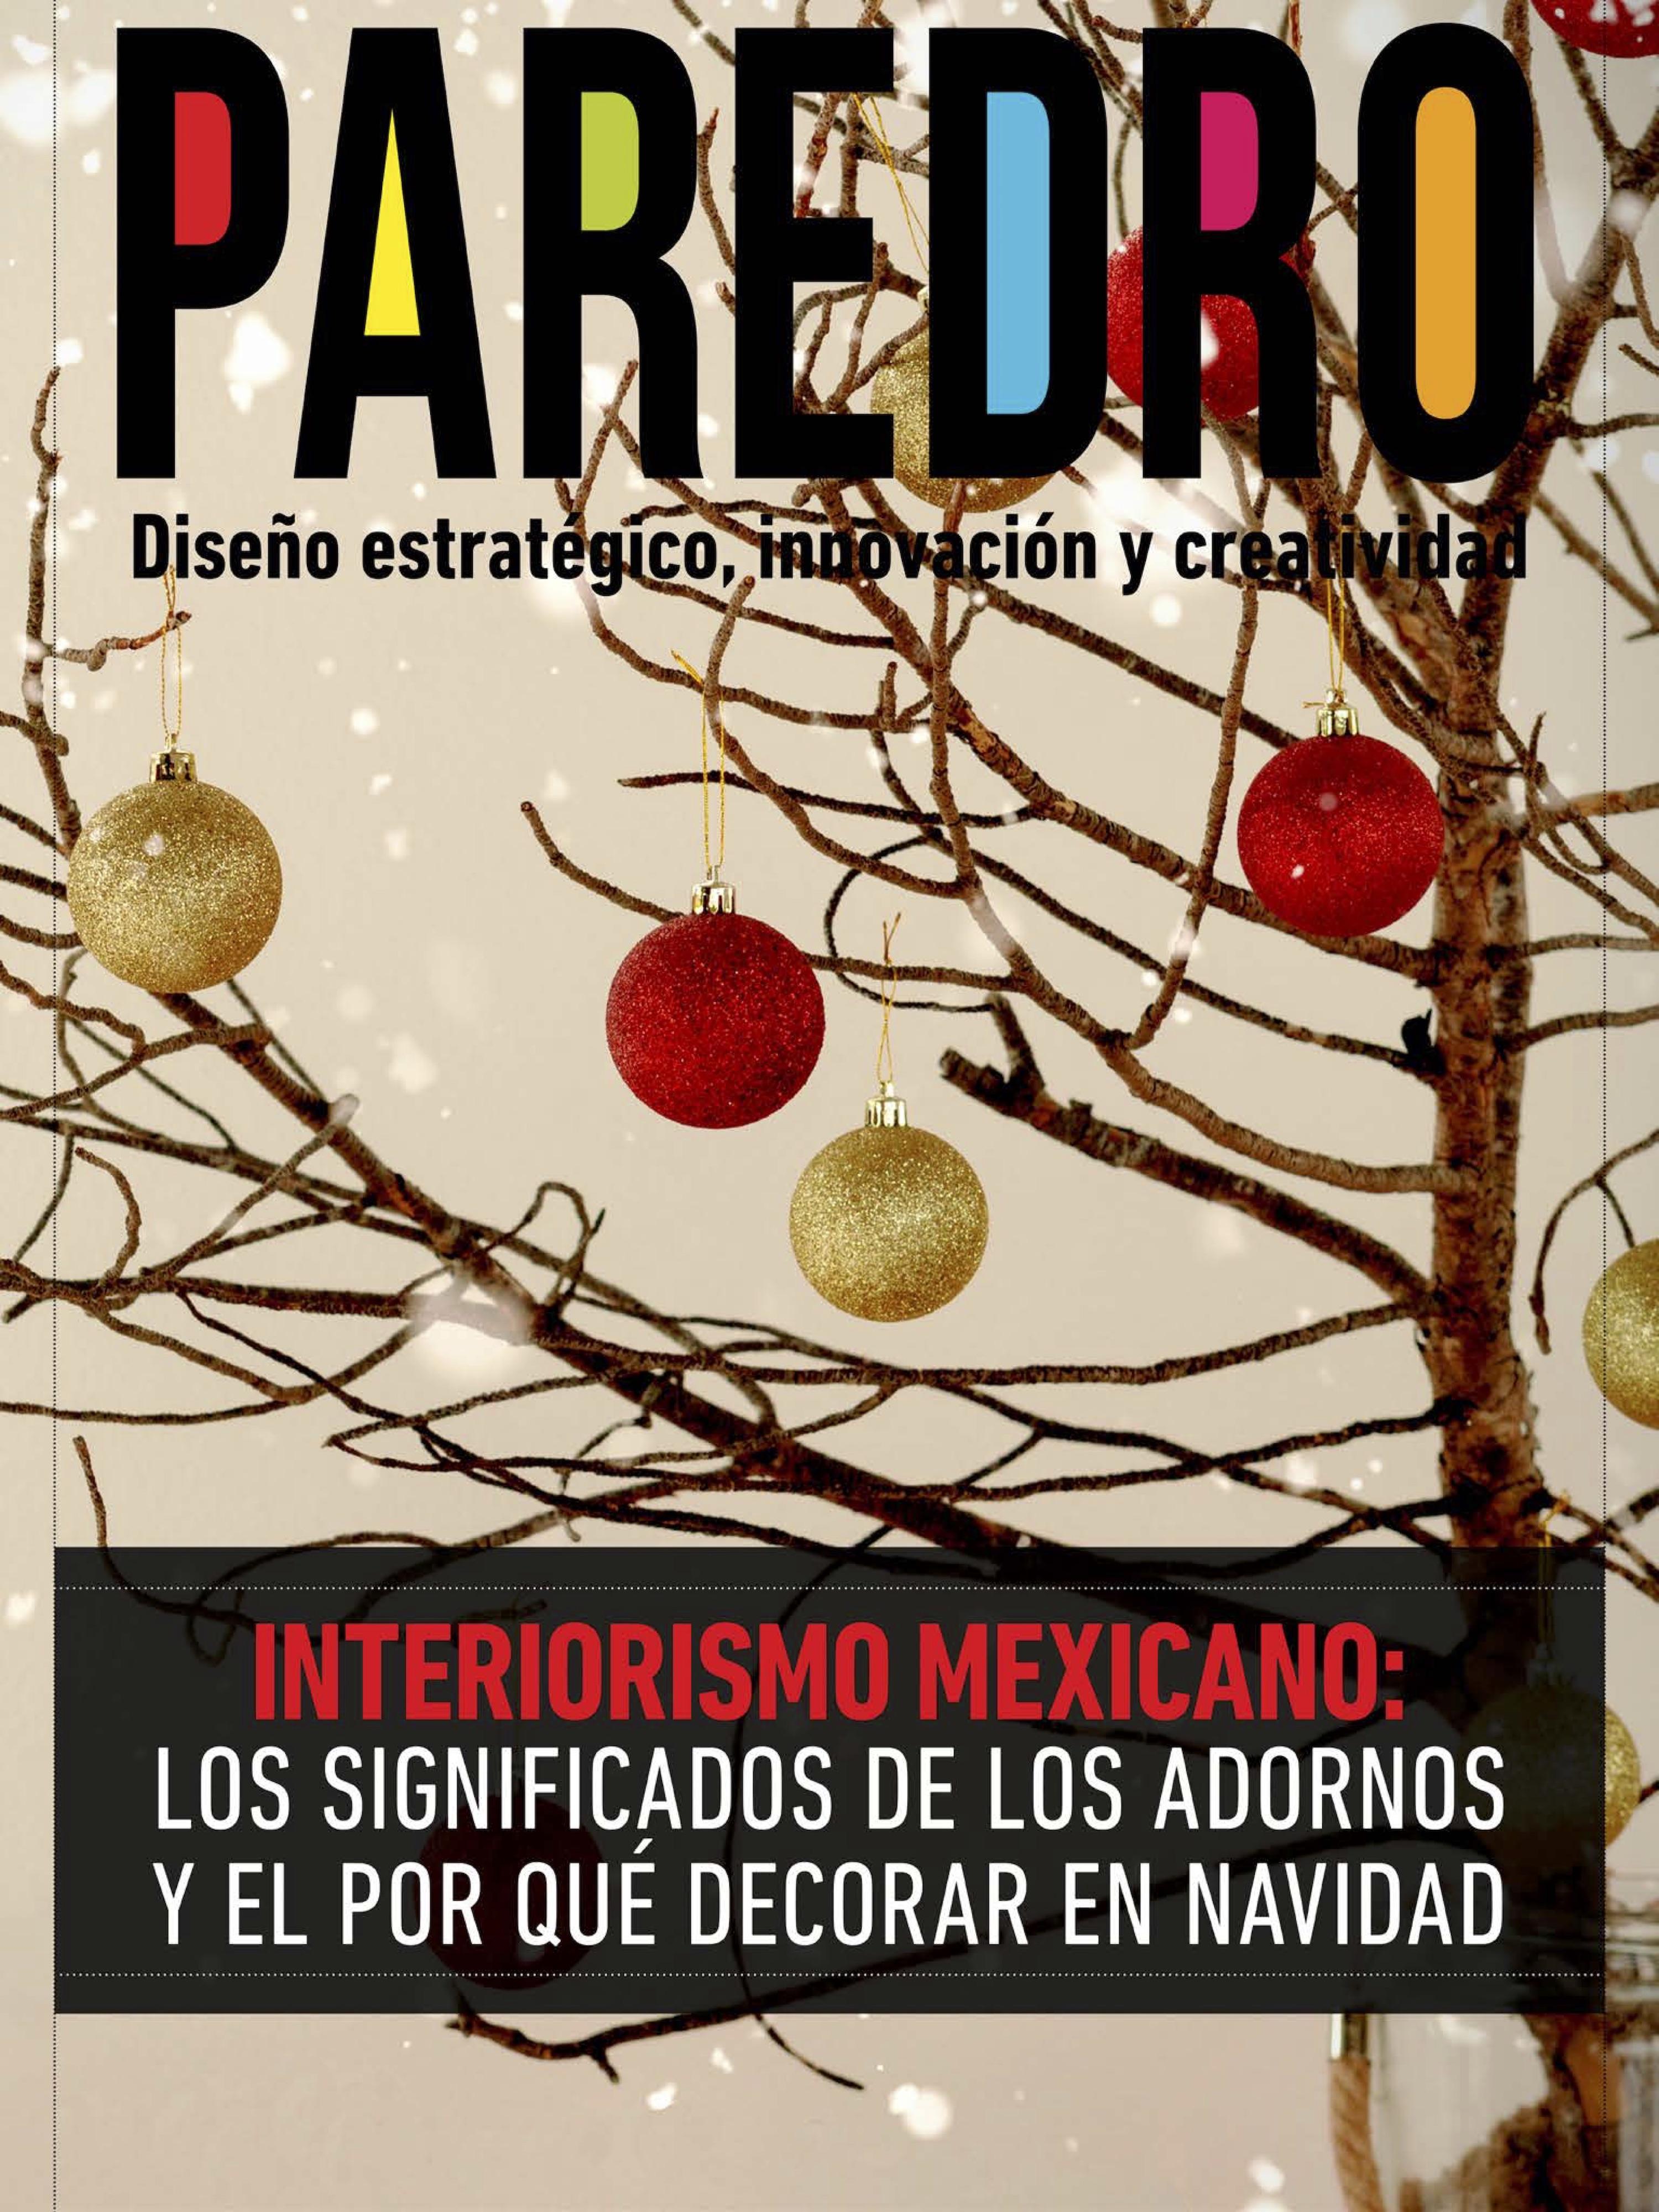 En la edición mensual de Paredro te explicamos que significan los adornos de Navidad y las razones para no perder la tradición de decorar.